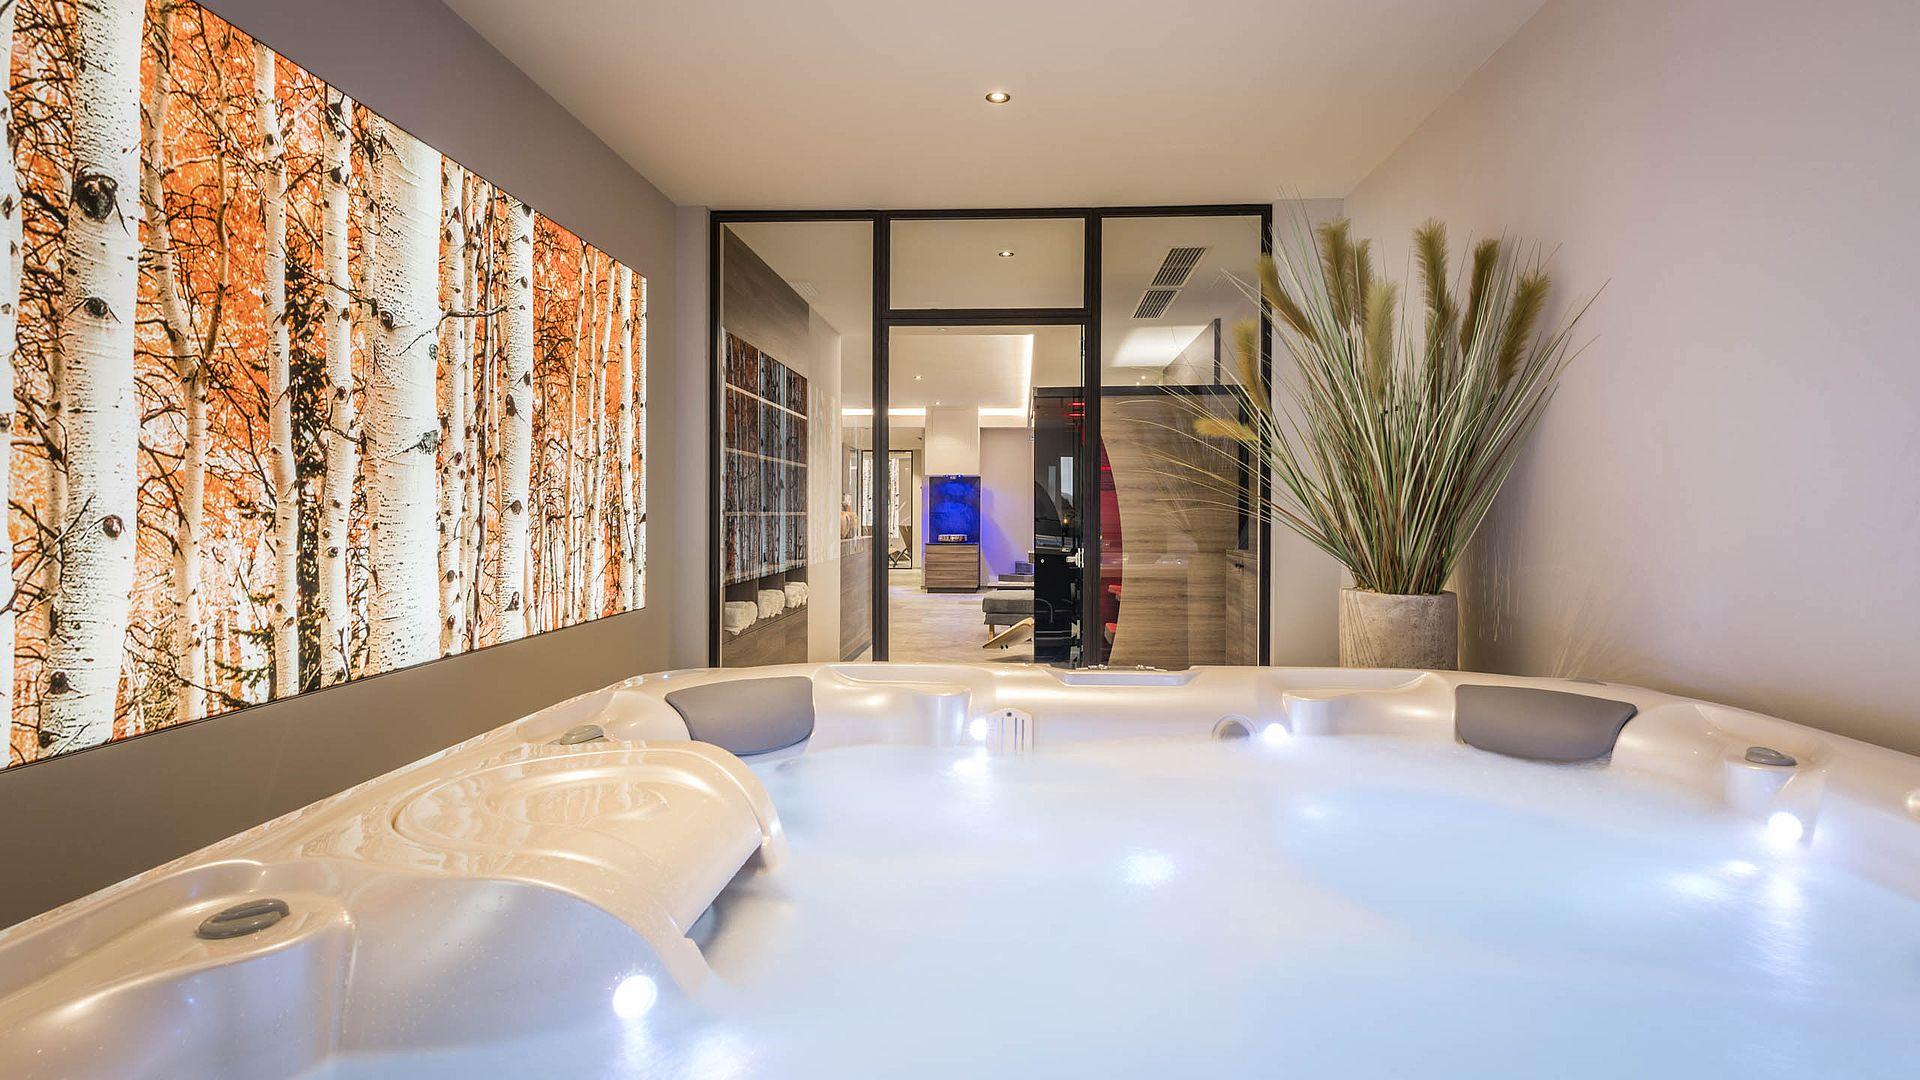 Il vostro hotel a merano con piscina hotel sonnenburg - Hotel merano 4 stelle con piscina ...